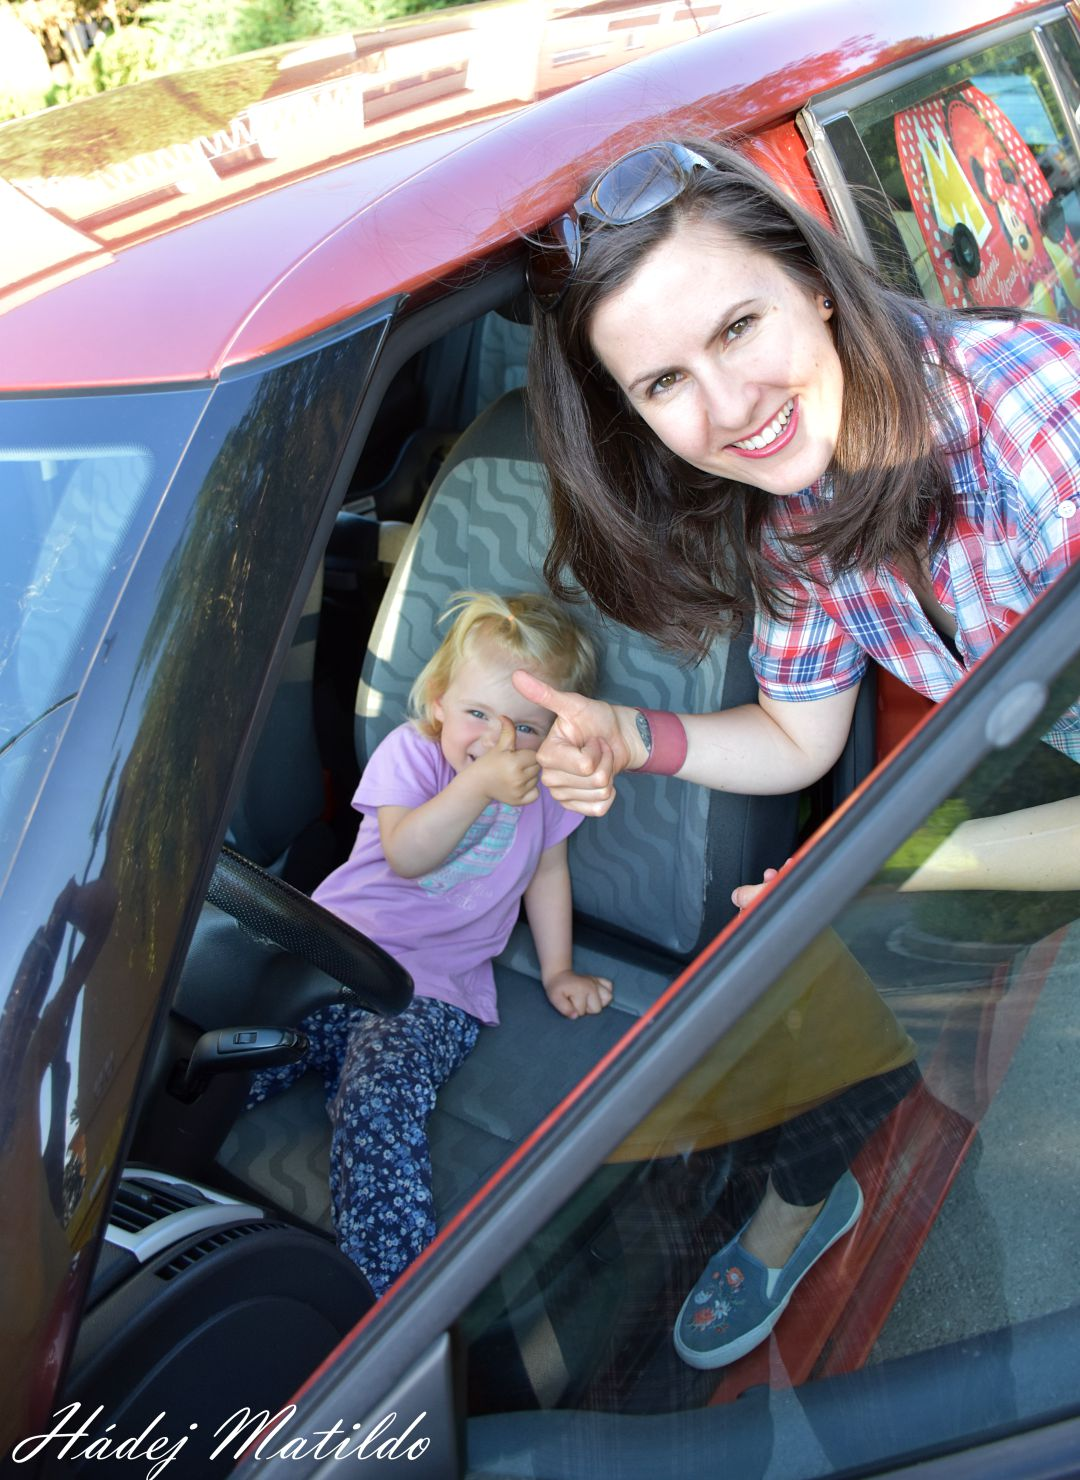 řízení auta, strach z řízení, nebát se řídit, auto, řízení